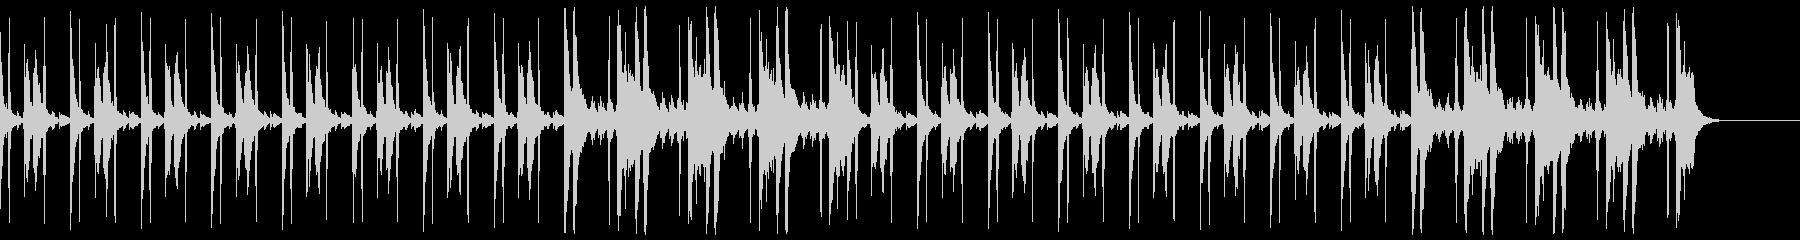 コソコソ怪しいBGM(ハイハット有り)の未再生の波形